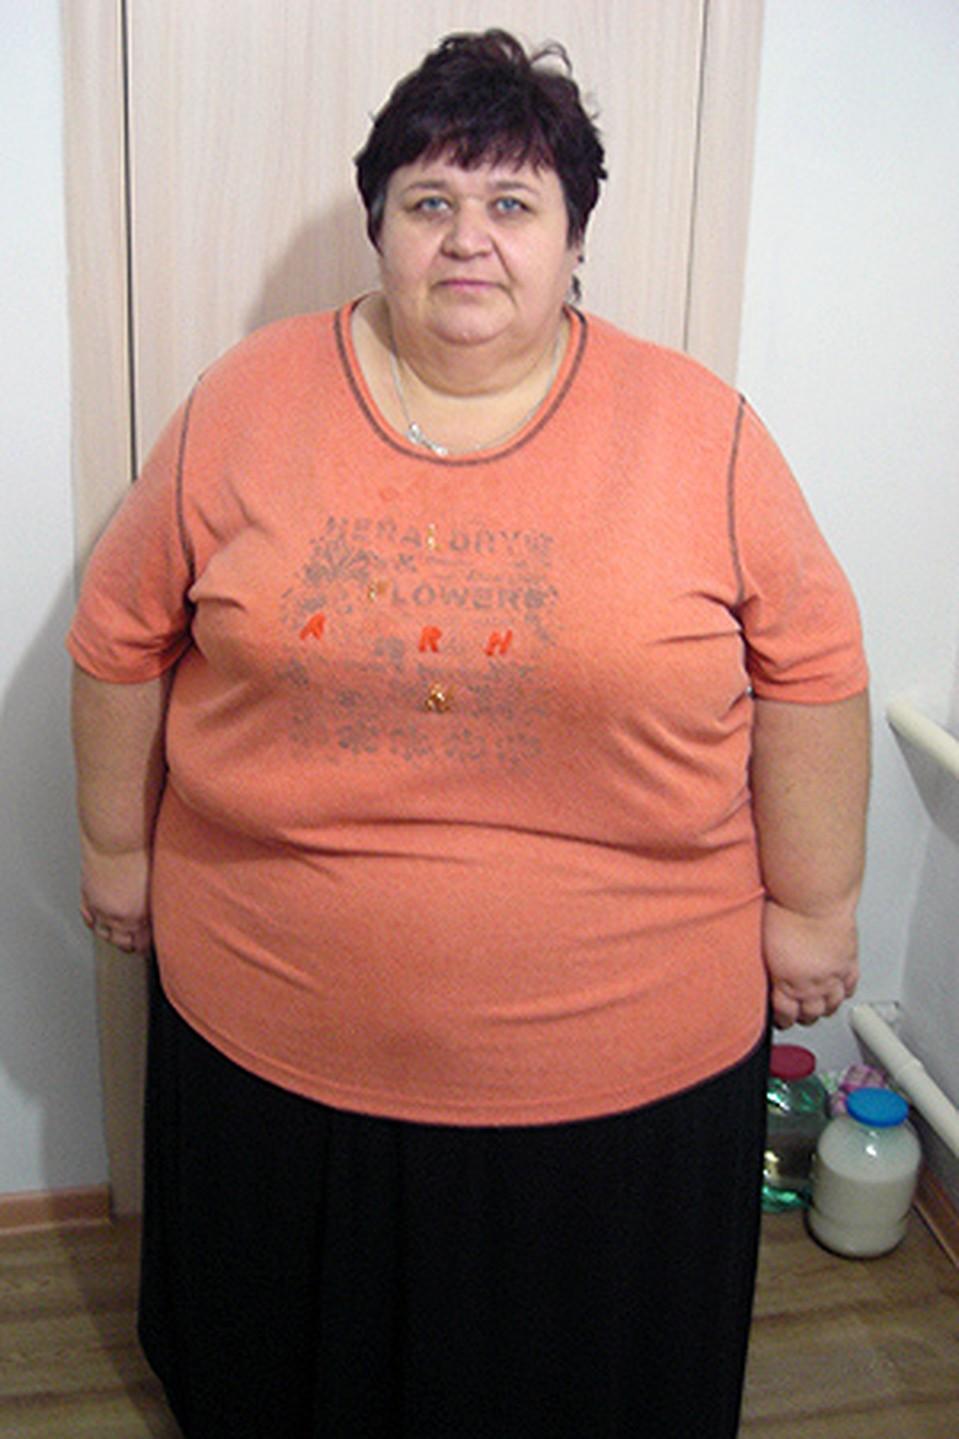 препараты для похудения которые продаются юбки